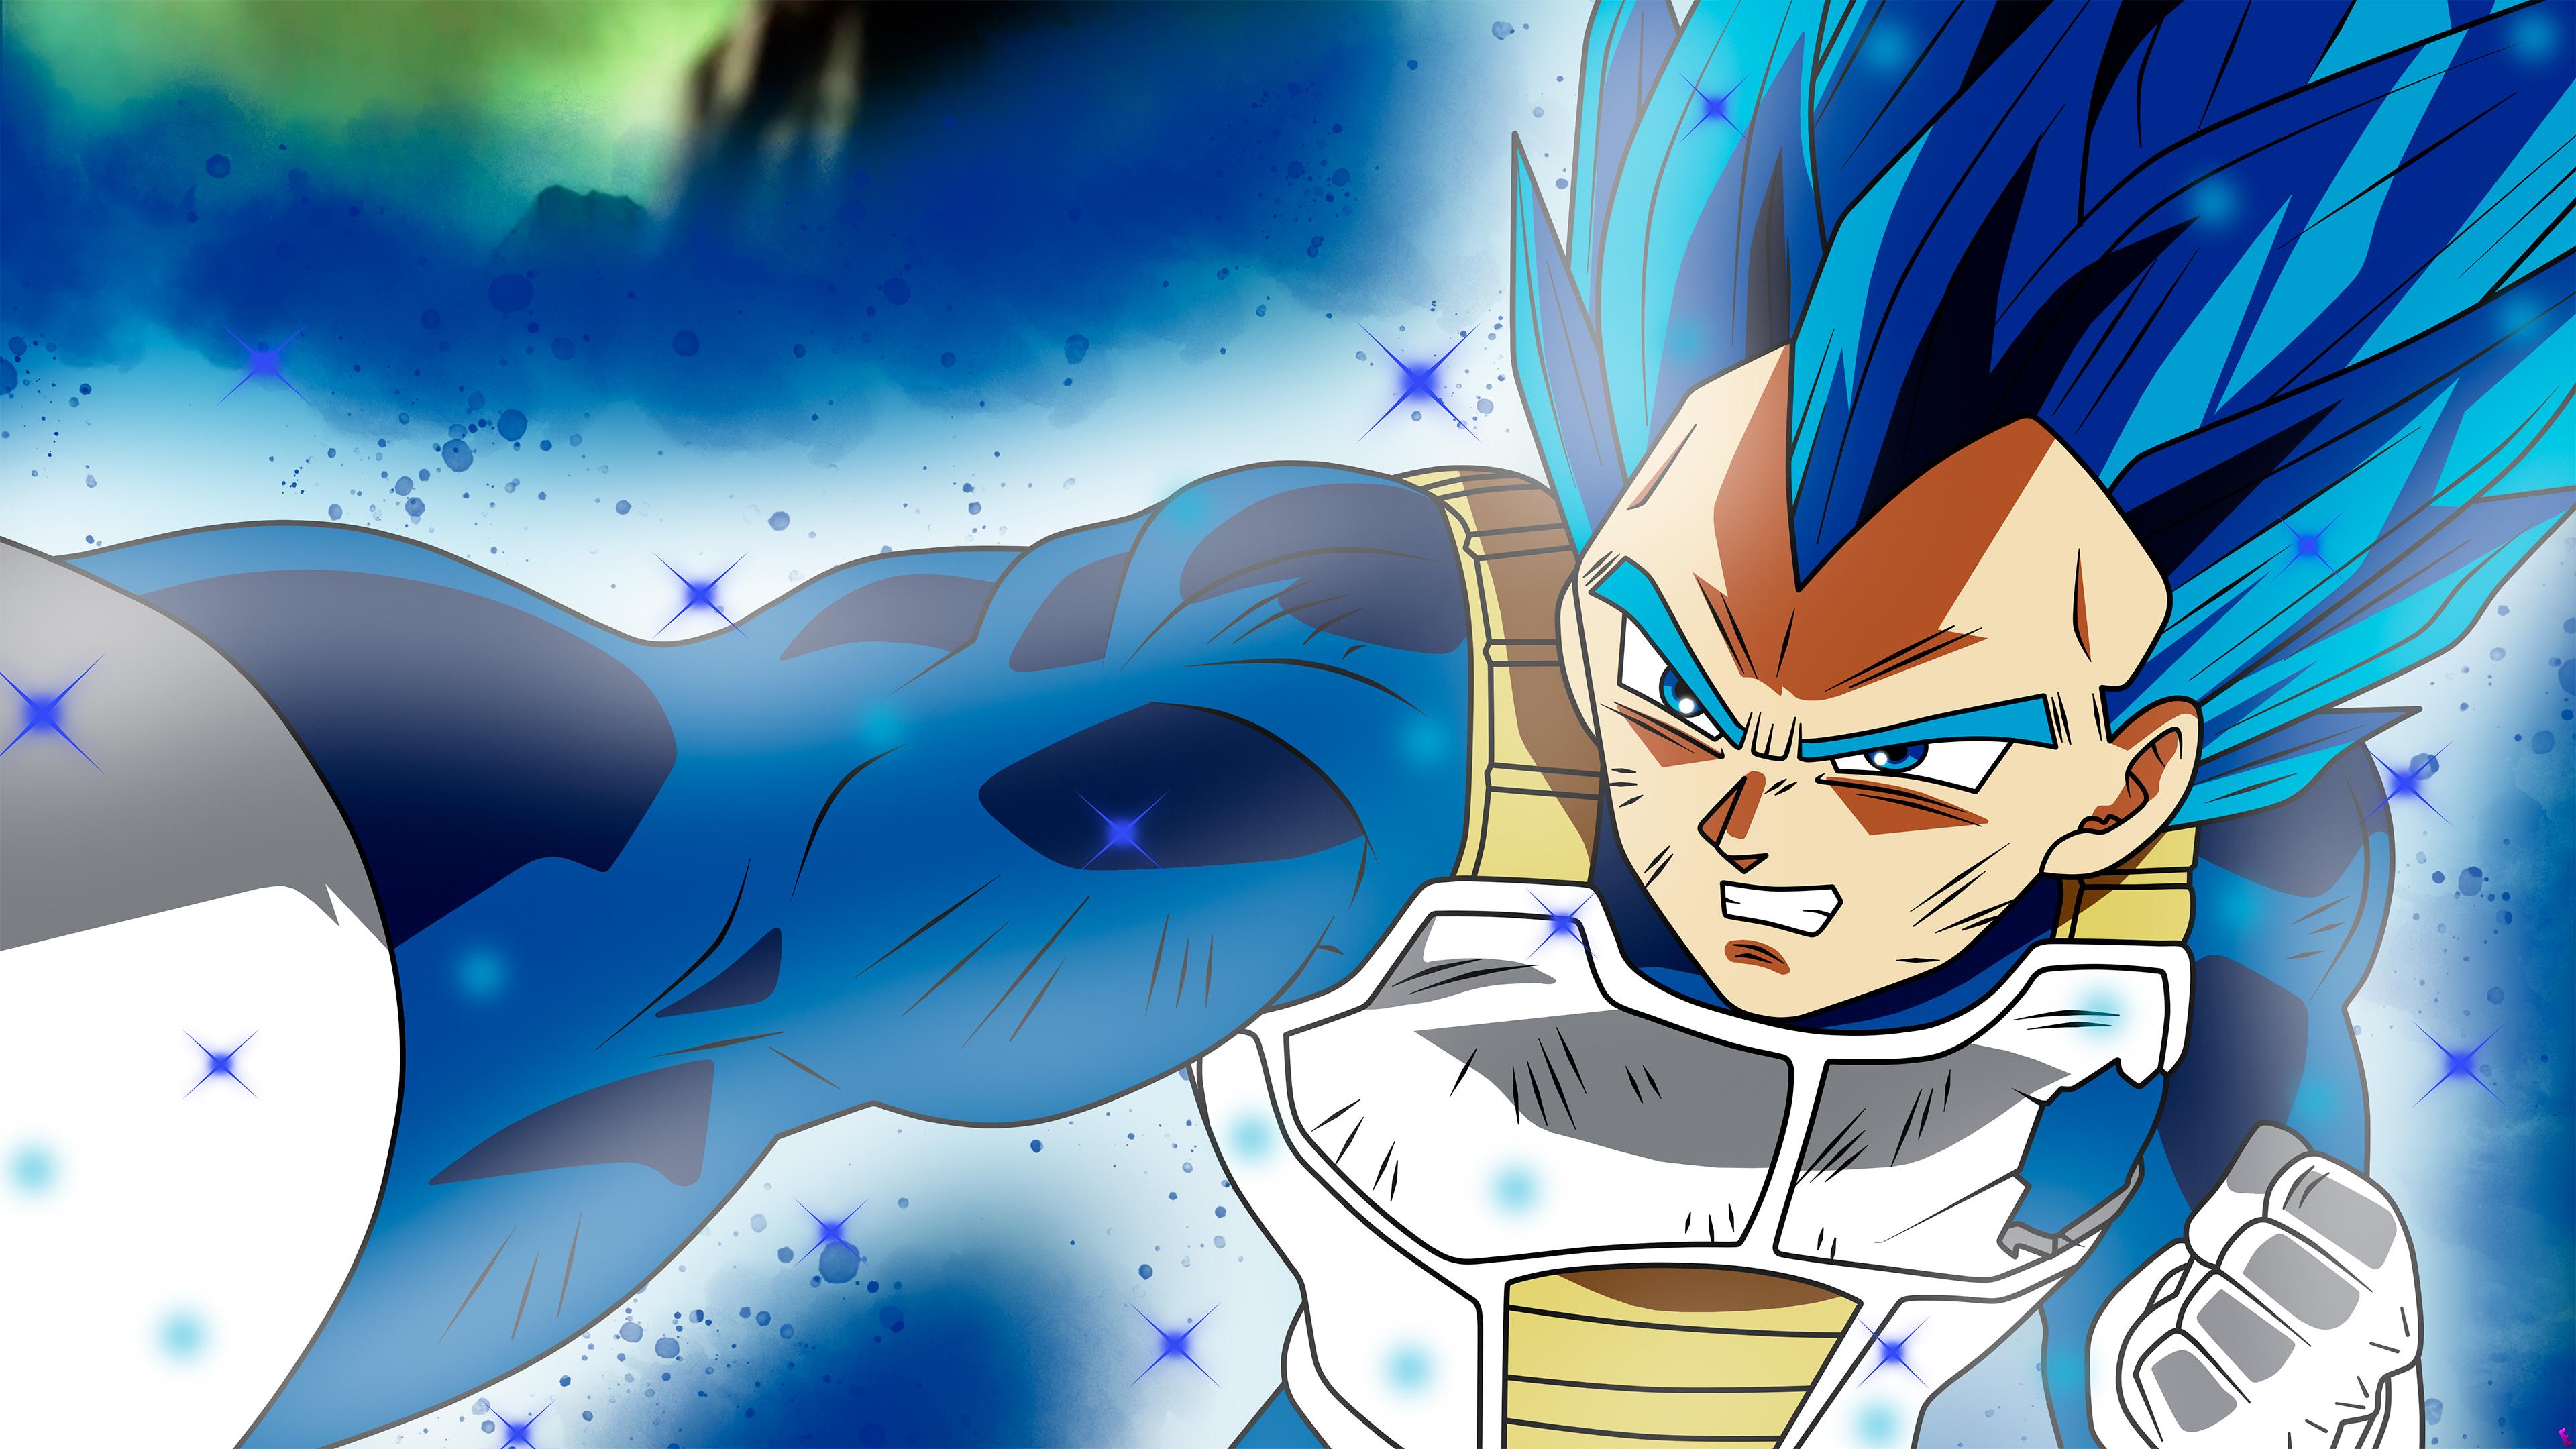 Wallpaper 4k Anime Dragon Ball Super Vegeta Ssj Blue Full